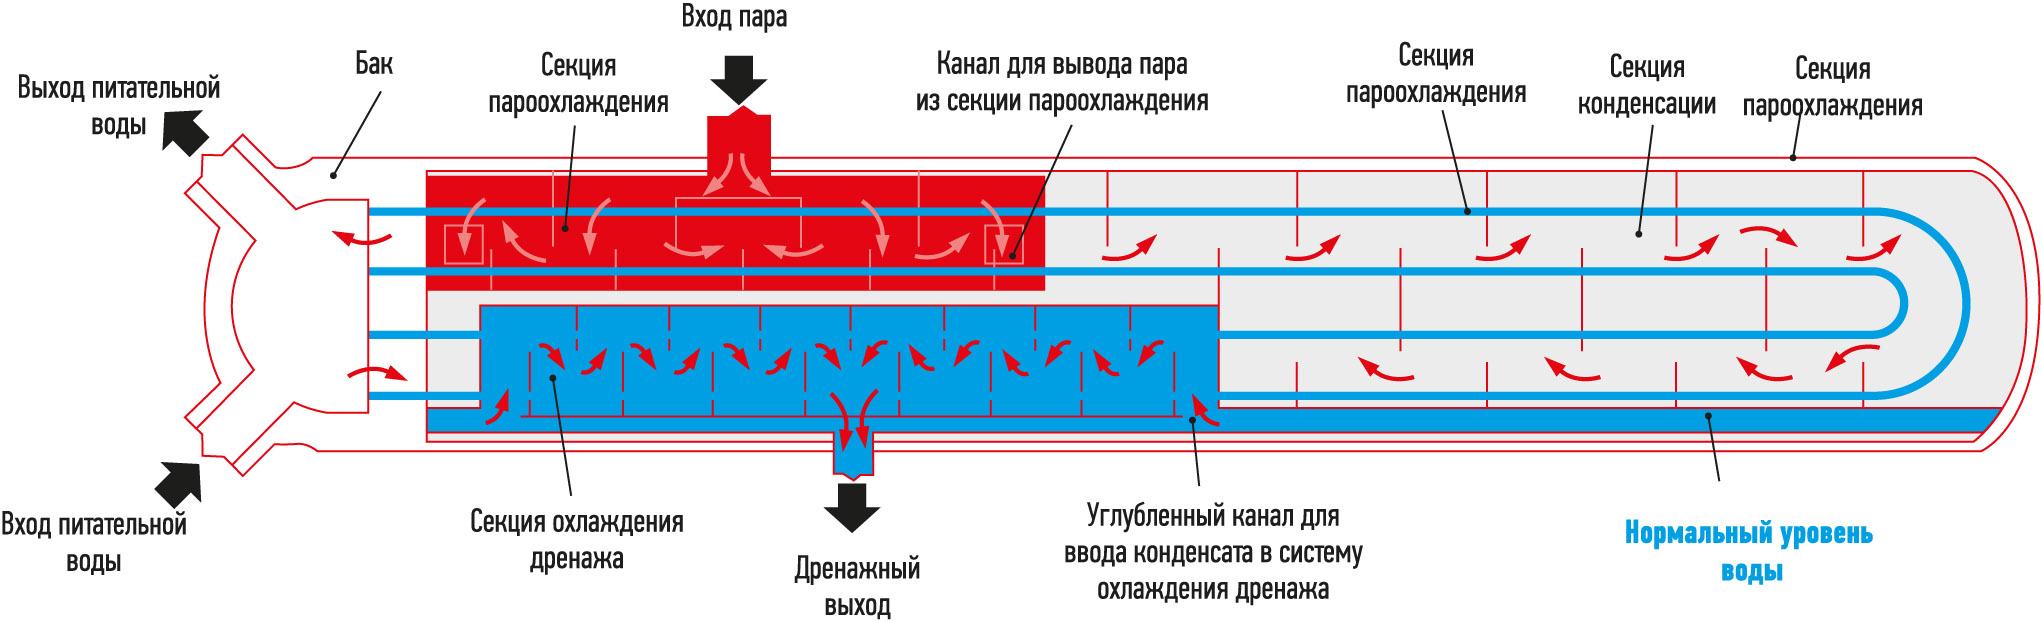 Расположение нагревателей питательной воды